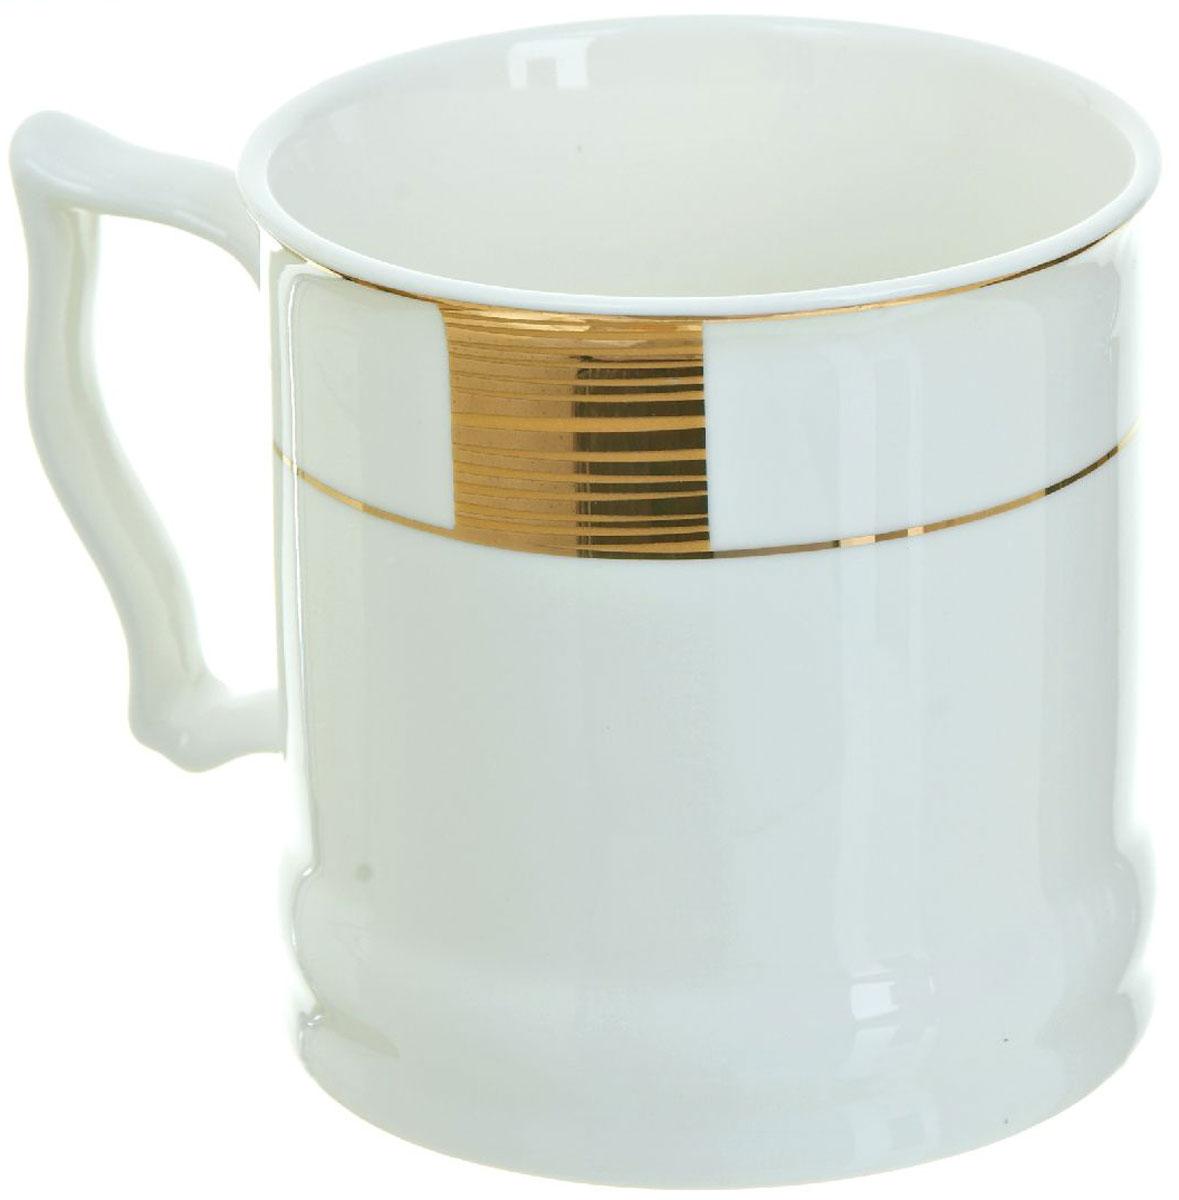 Кружка BHP Королевская кружка, 500 мл. 187001054 009312Оригинальная кружка Best Home Porcelain, выполненная из высококачественного фарфора, сочетает в себе простой, утонченный дизайн с максимальной функциональностью. Оригинальность оформления придутся по вкусу тем, кто ценит индивидуальность.Можно использовать в посудомоечной машине.